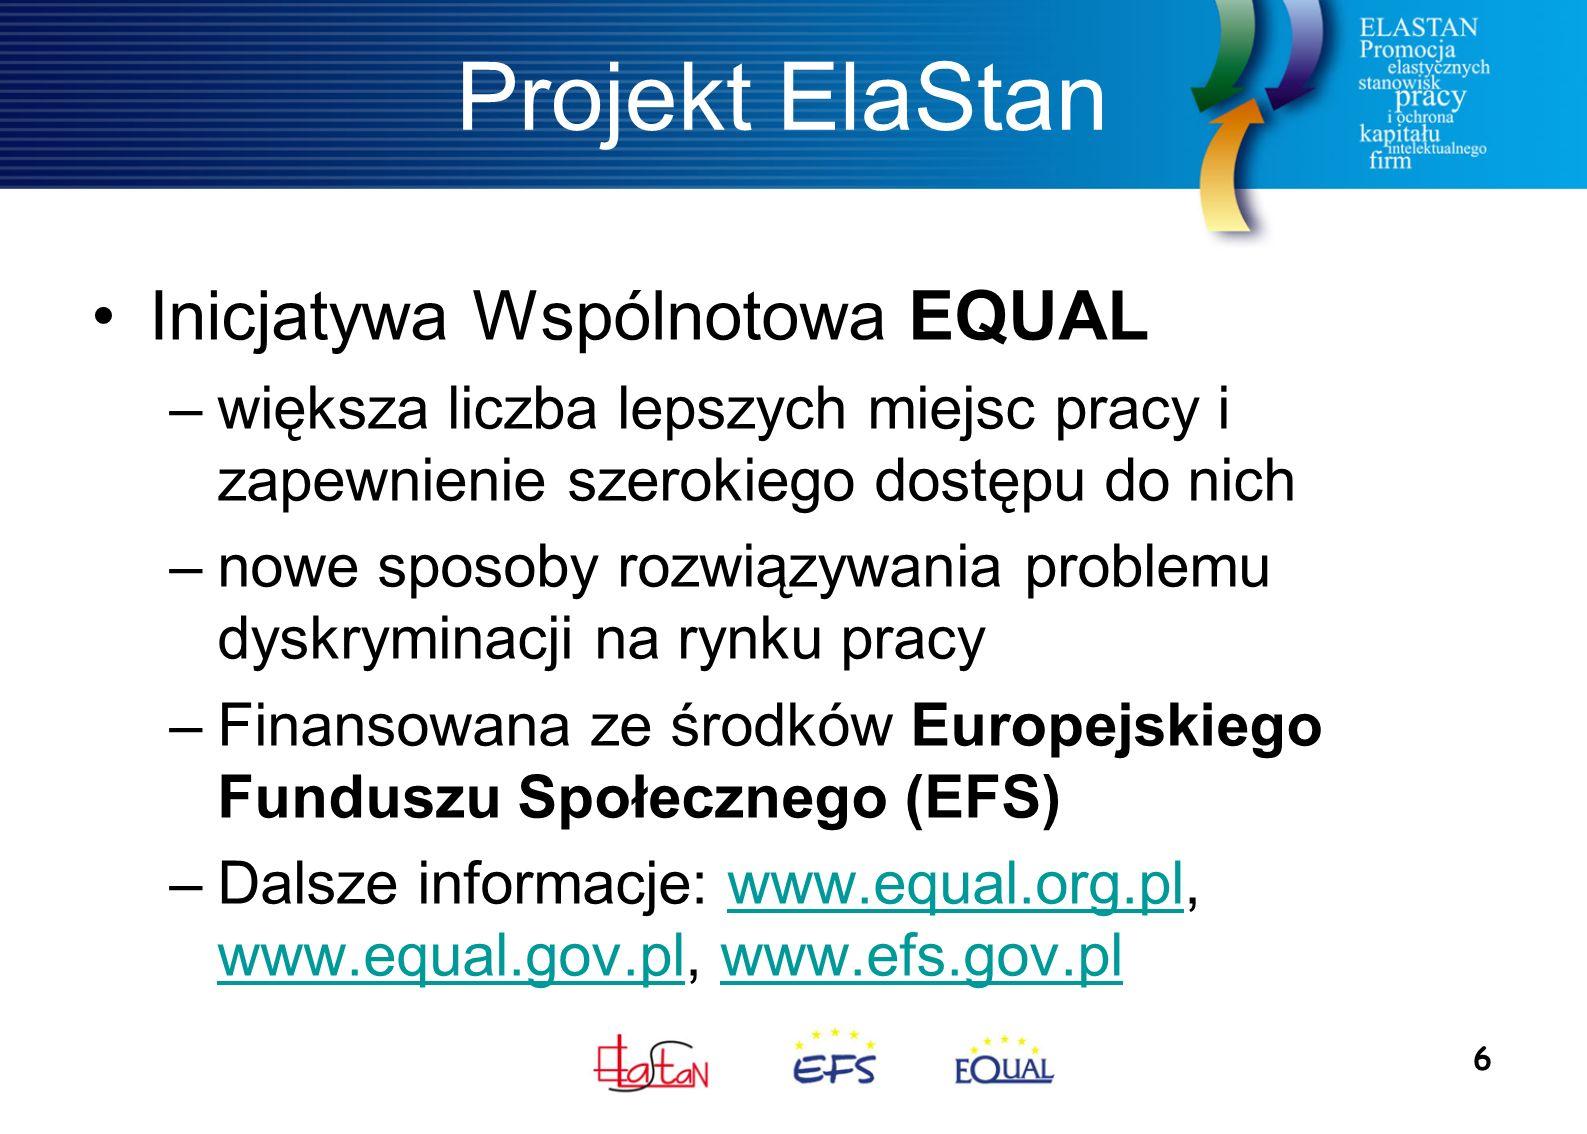 6 Projekt ElaStan Inicjatywa Wspólnotowa EQUAL –większa liczba lepszych miejsc pracy i zapewnienie szerokiego dostępu do nich –nowe sposoby rozwiązywania problemu dyskryminacji na rynku pracy –Finansowana ze środków Europejskiego Funduszu Społecznego (EFS) –Dalsze informacje: www.equal.org.pl, www.equal.gov.pl, www.efs.gov.plwww.equal.org.pl www.equal.gov.plwww.efs.gov.pl